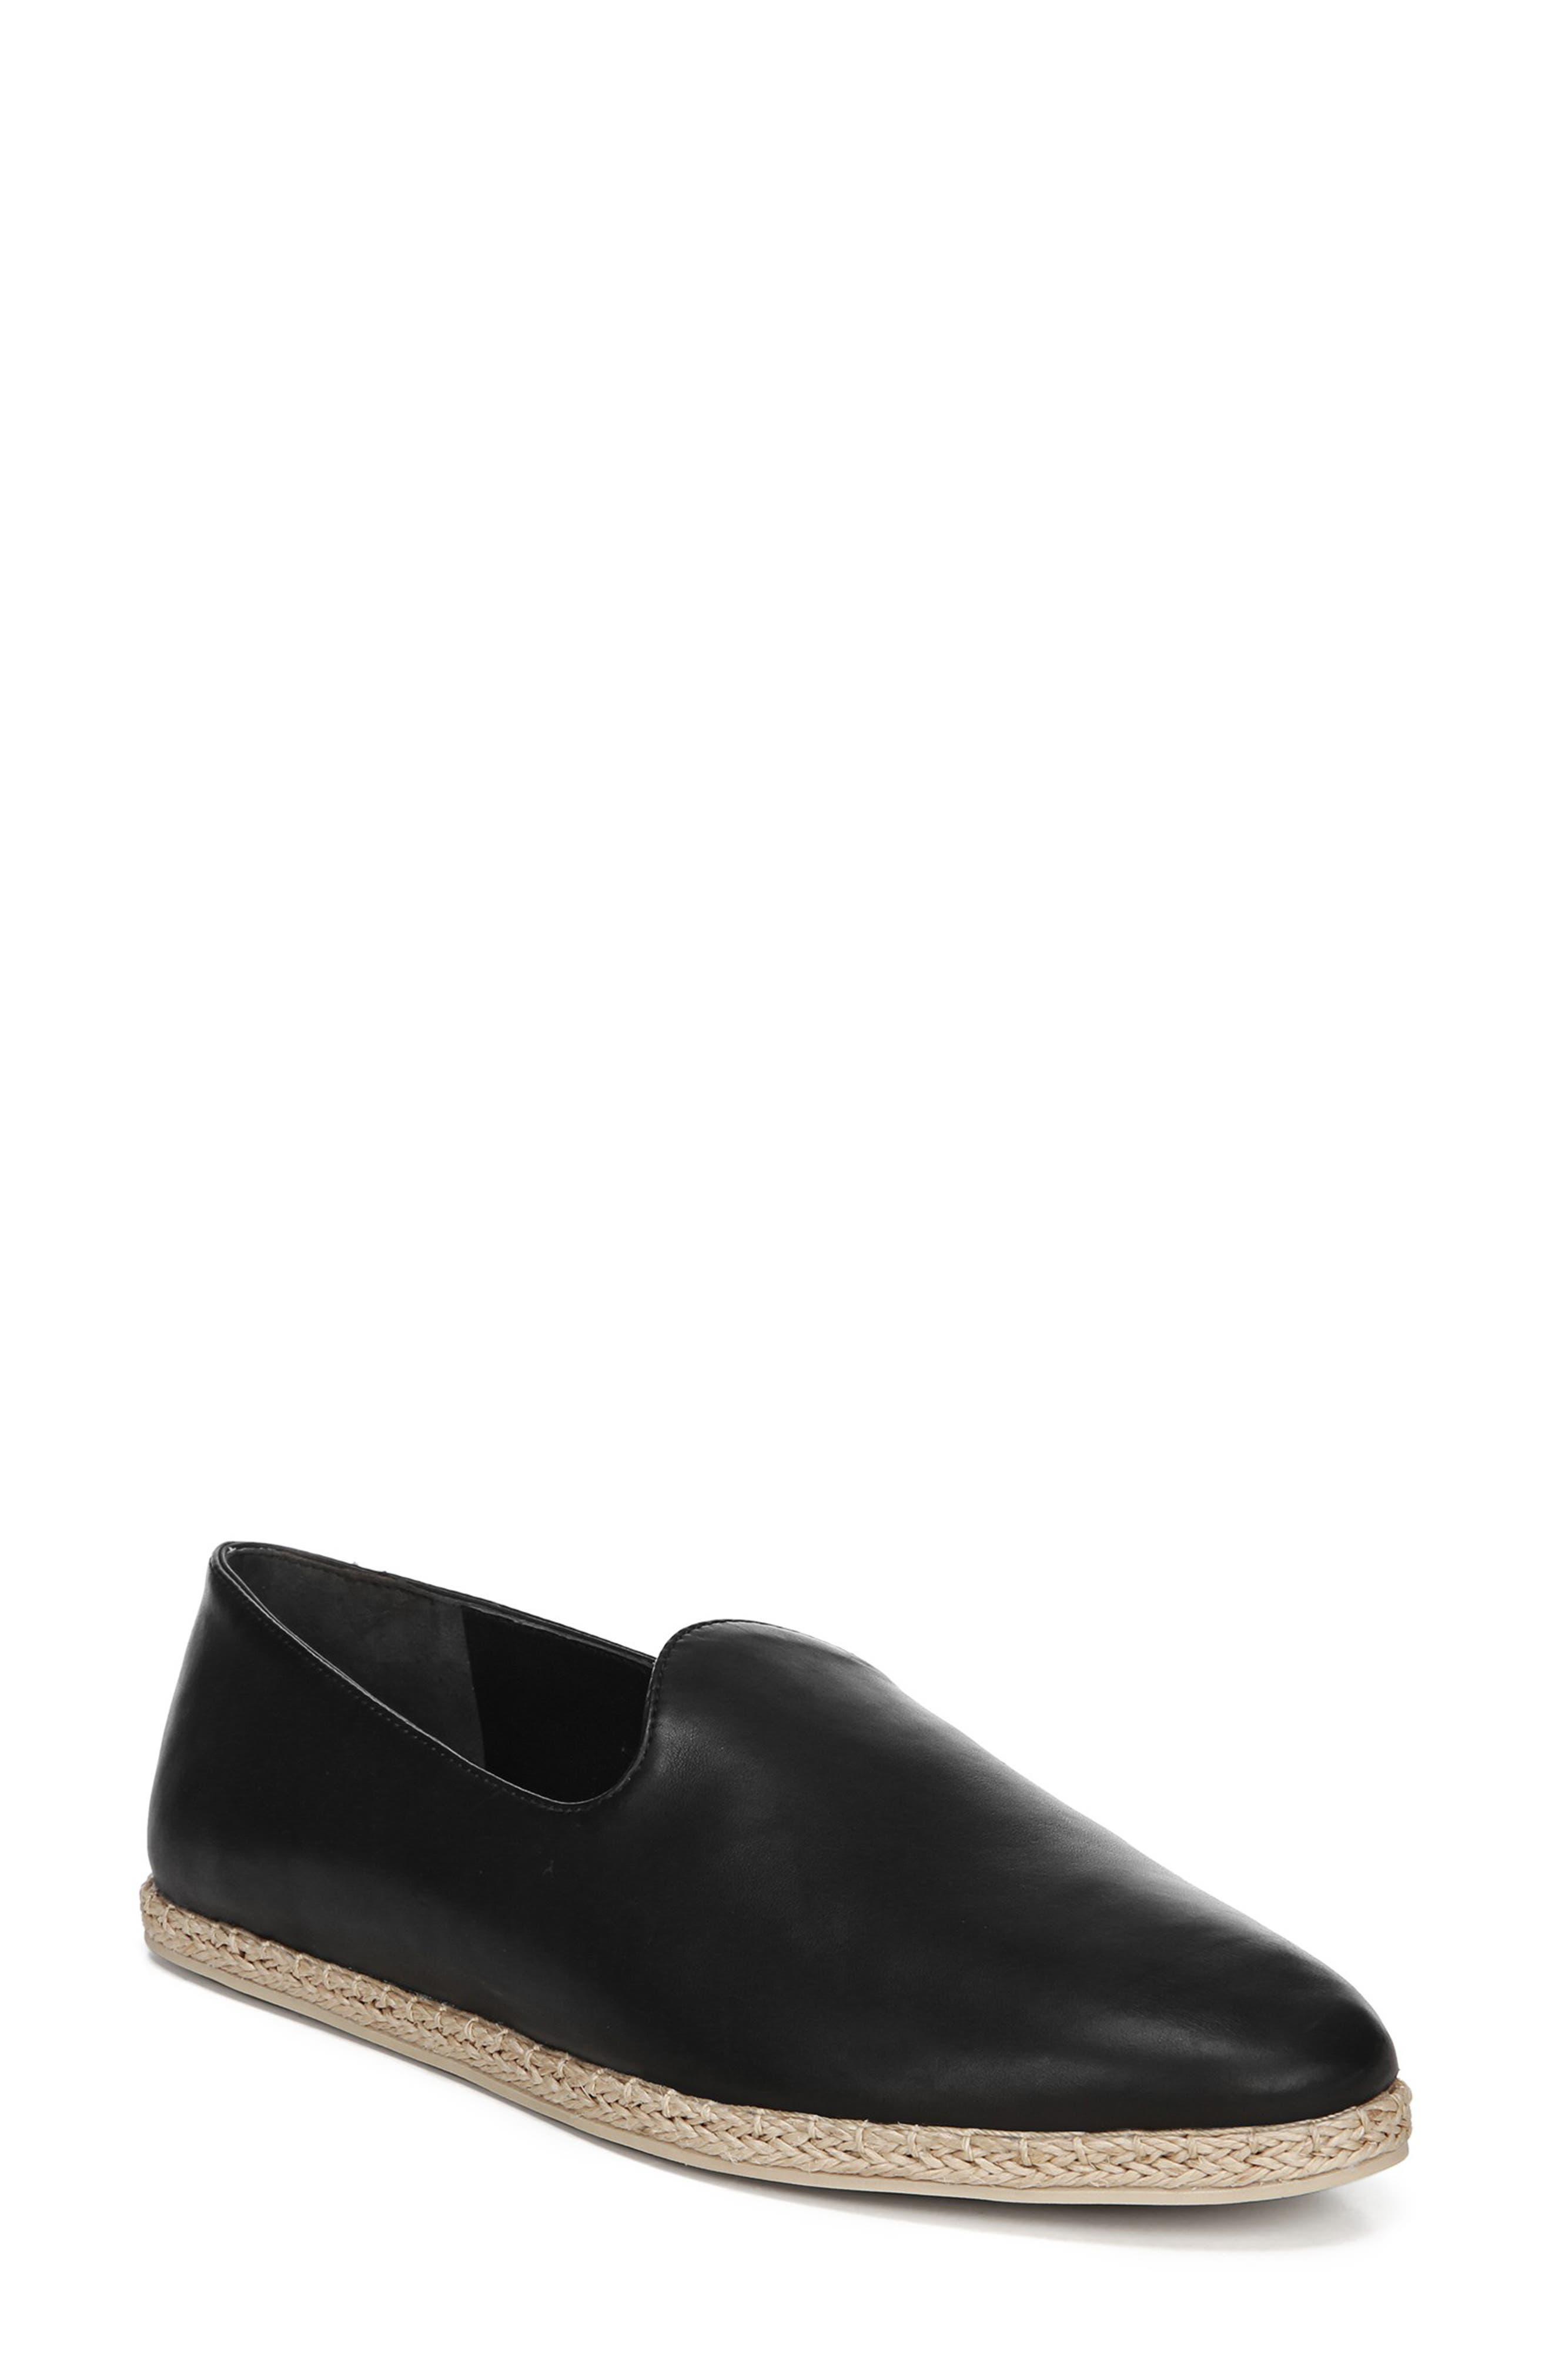 Malia Loafer Flat, Main, color, BLACK LEATHER